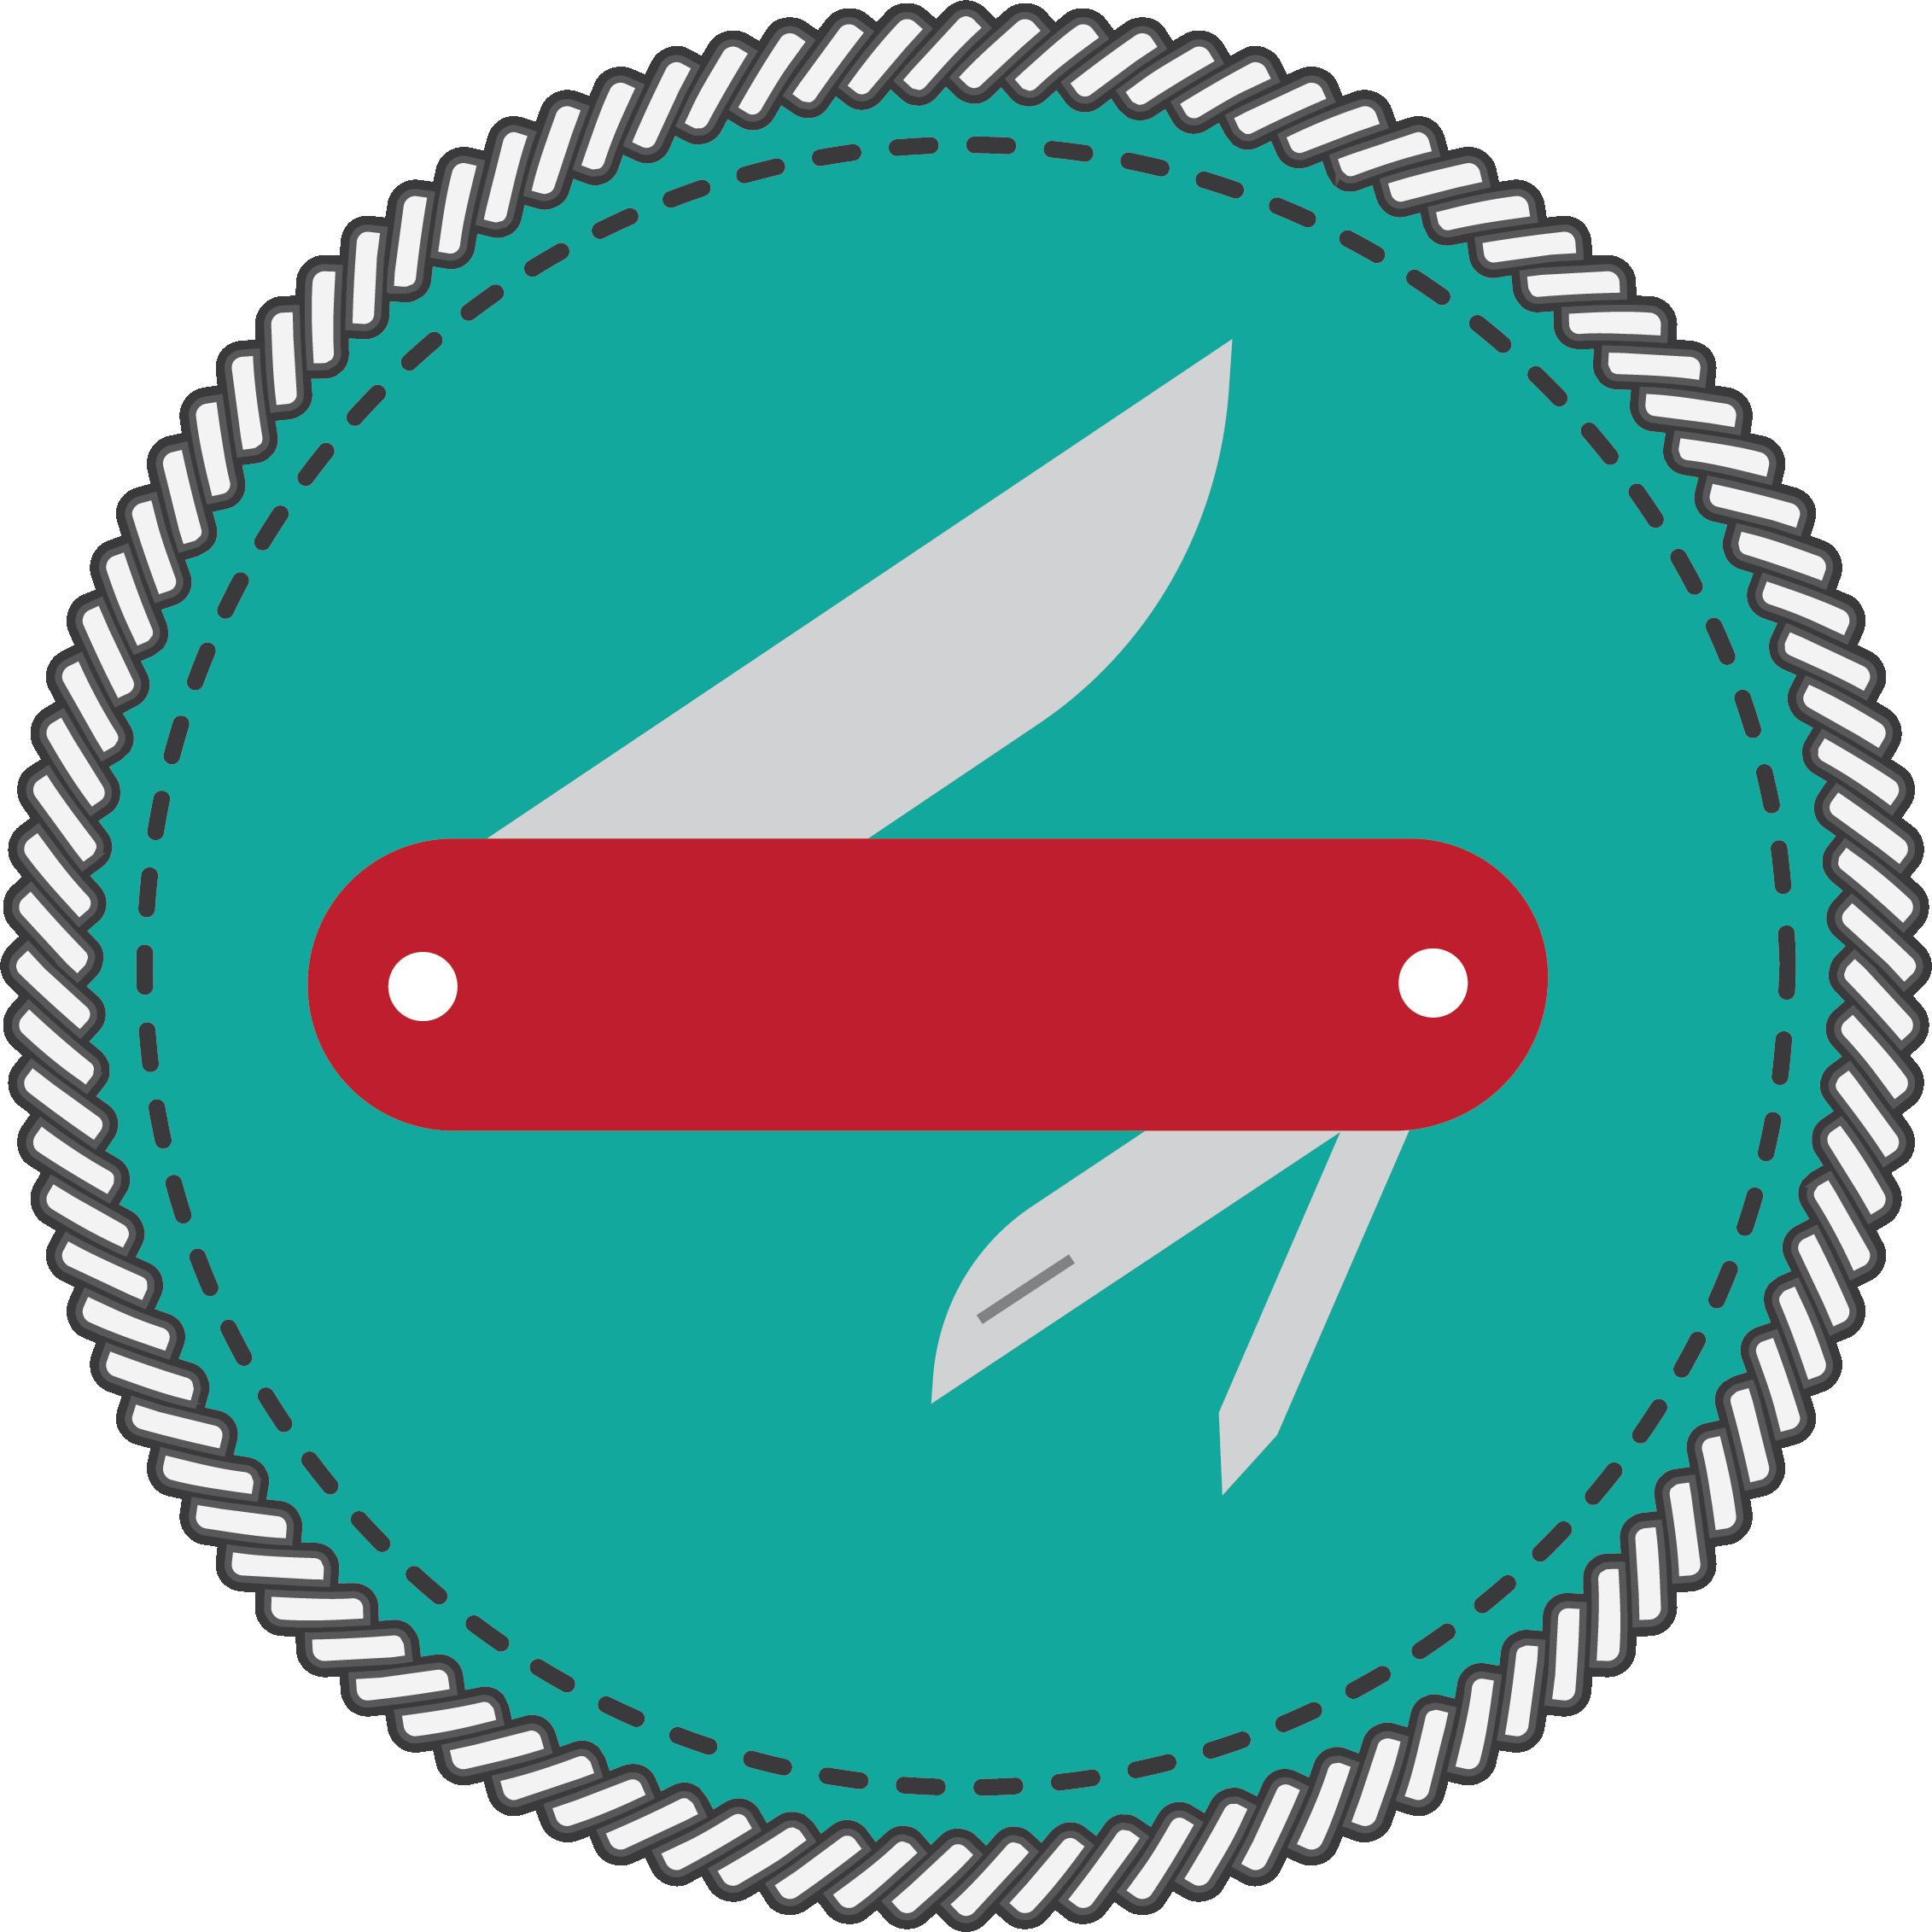 Pocket Knife Badge Icon